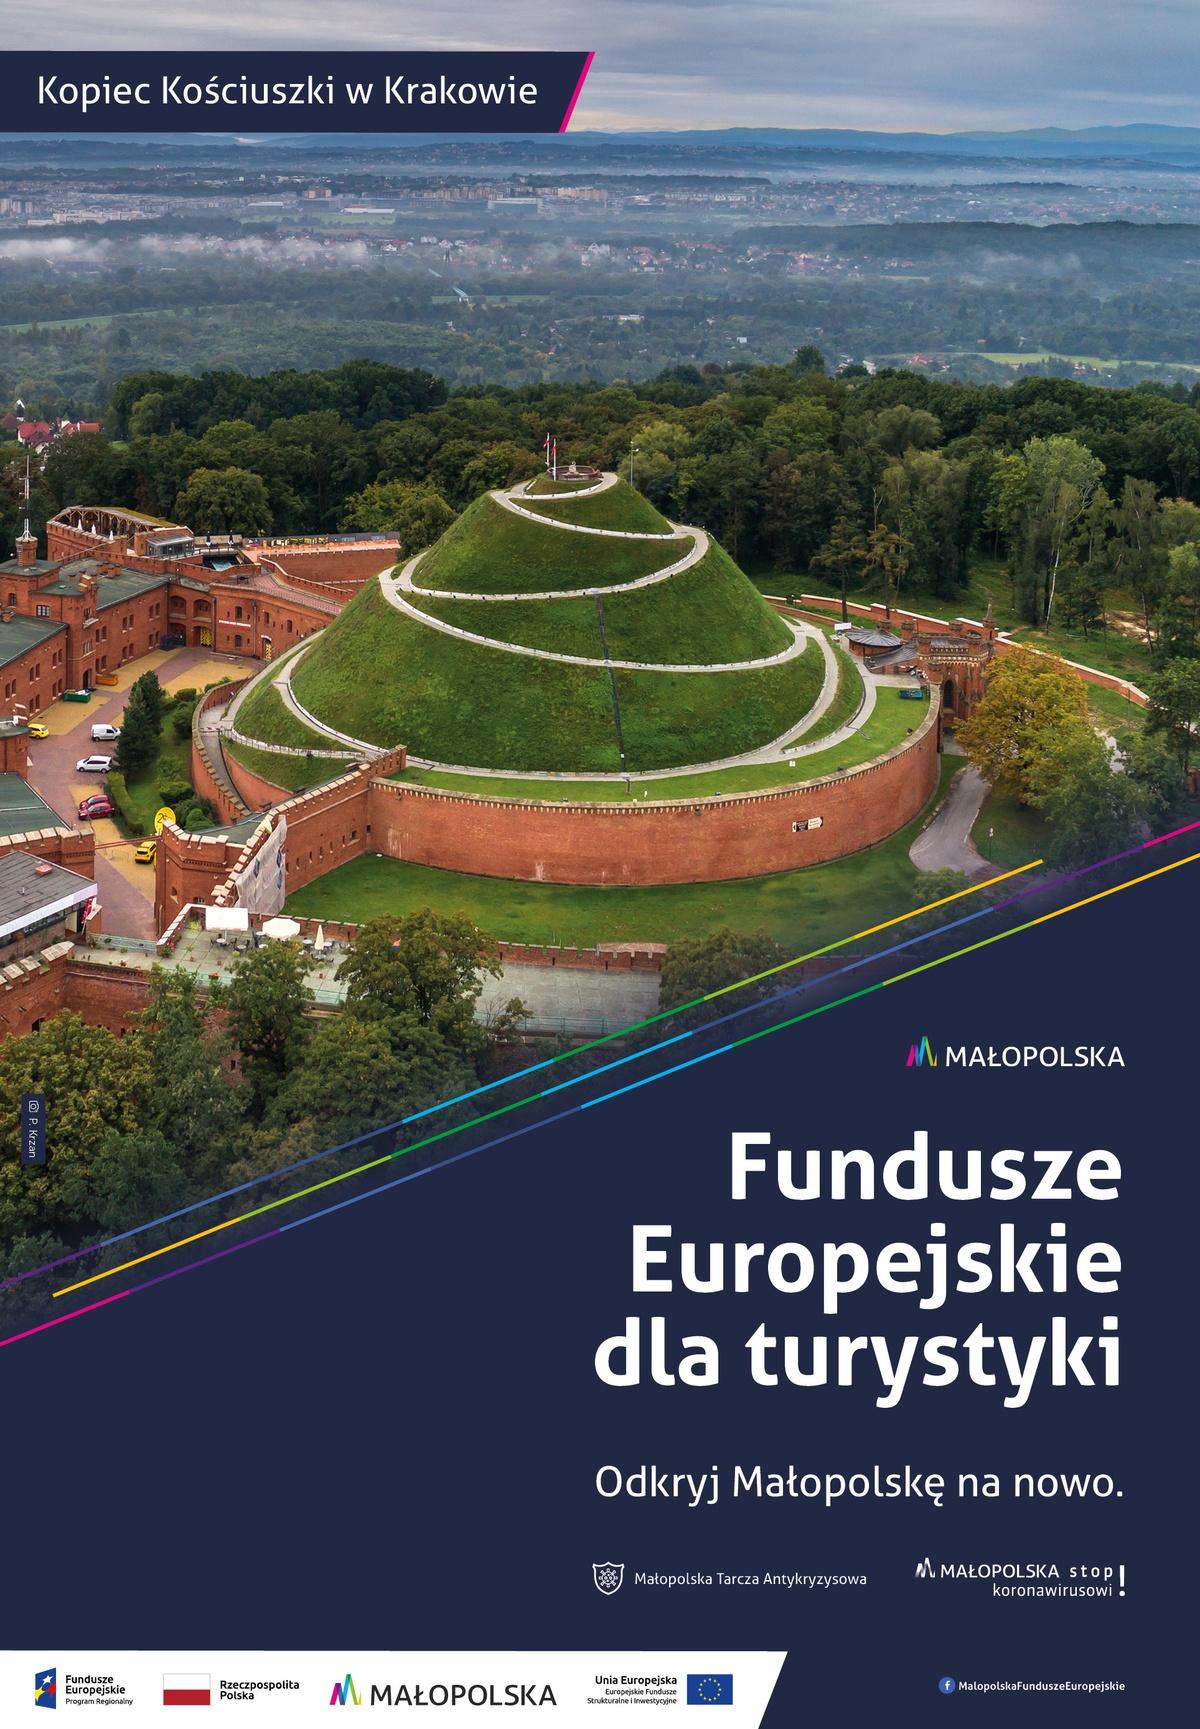 Plakat promujący Kopiec Kościuszki wKrakowie